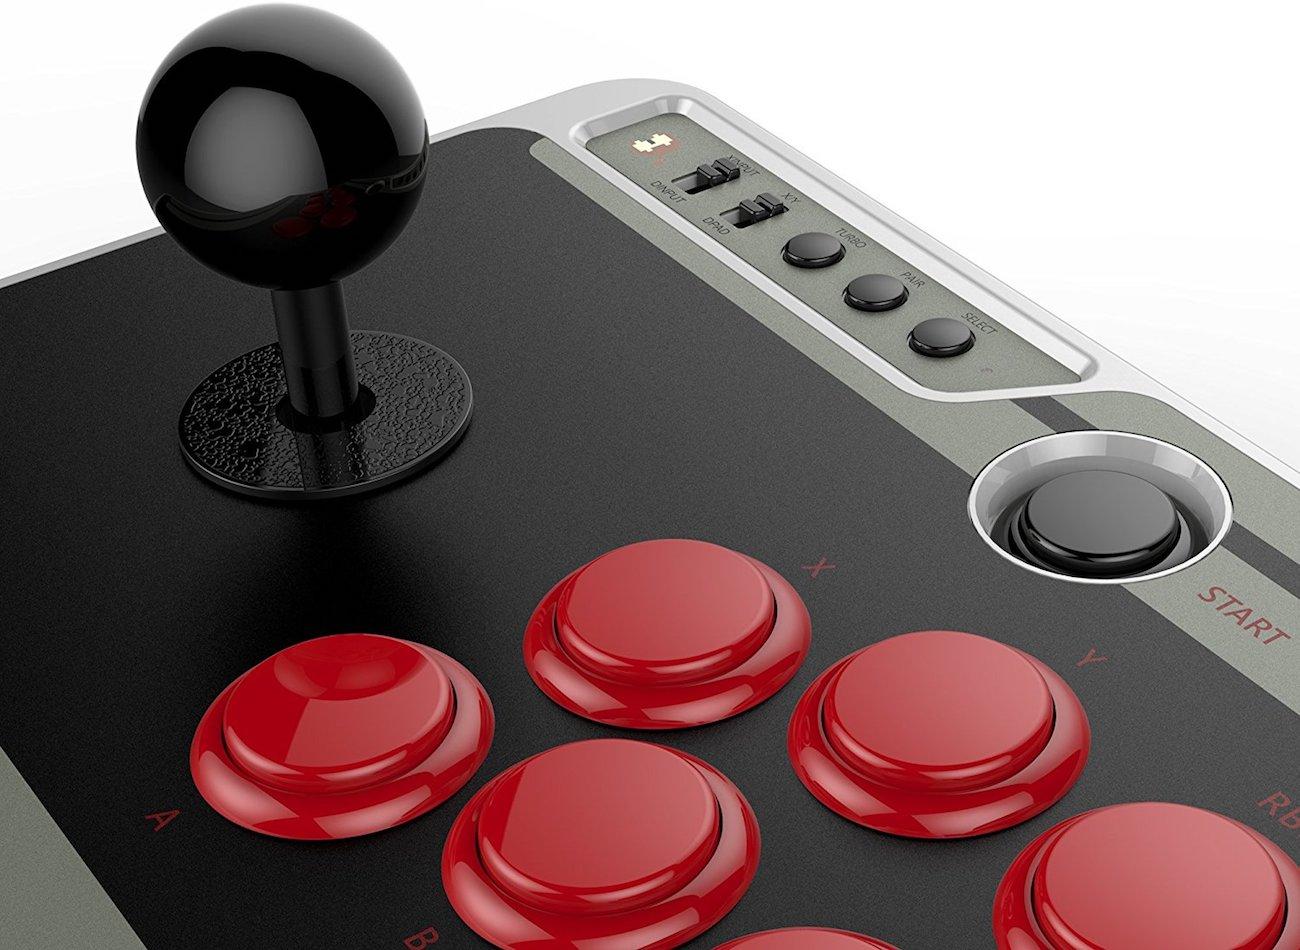 8Bitdo NES30 Arcade Stick Controller